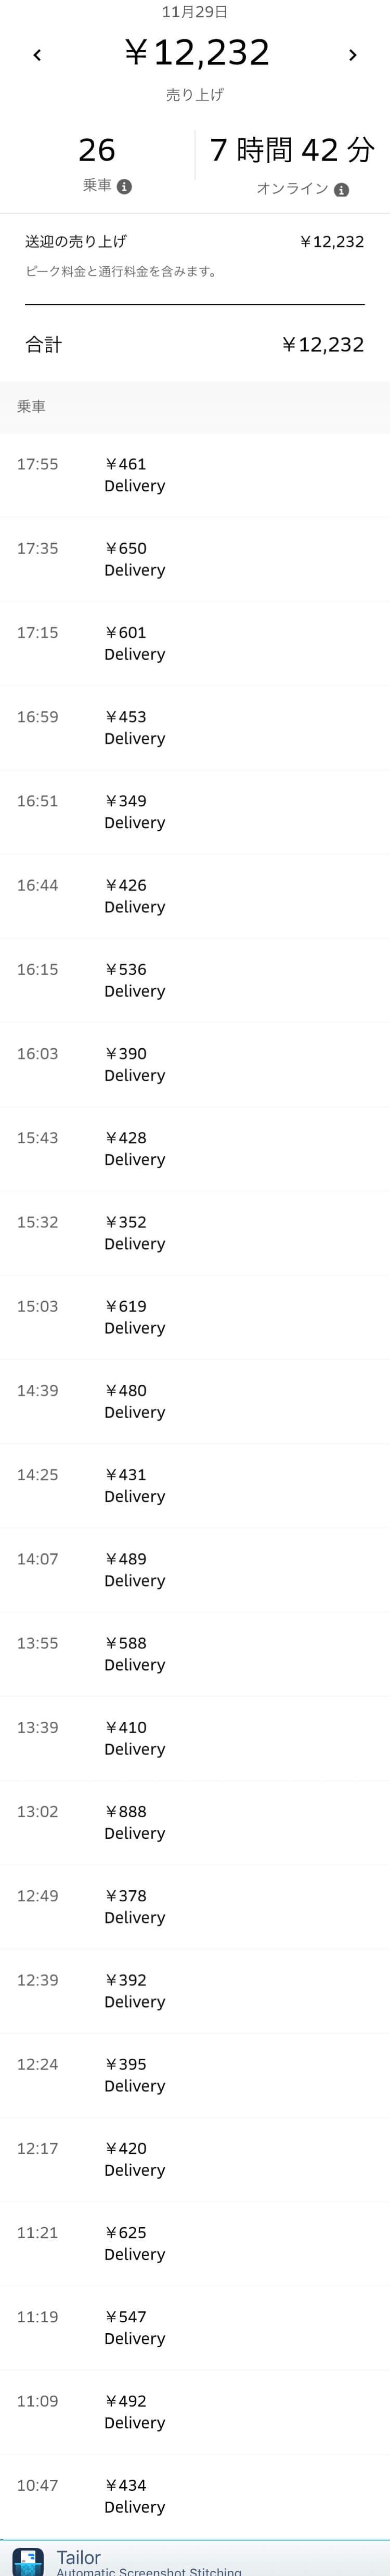 Uber Eats11月29日の配達数字